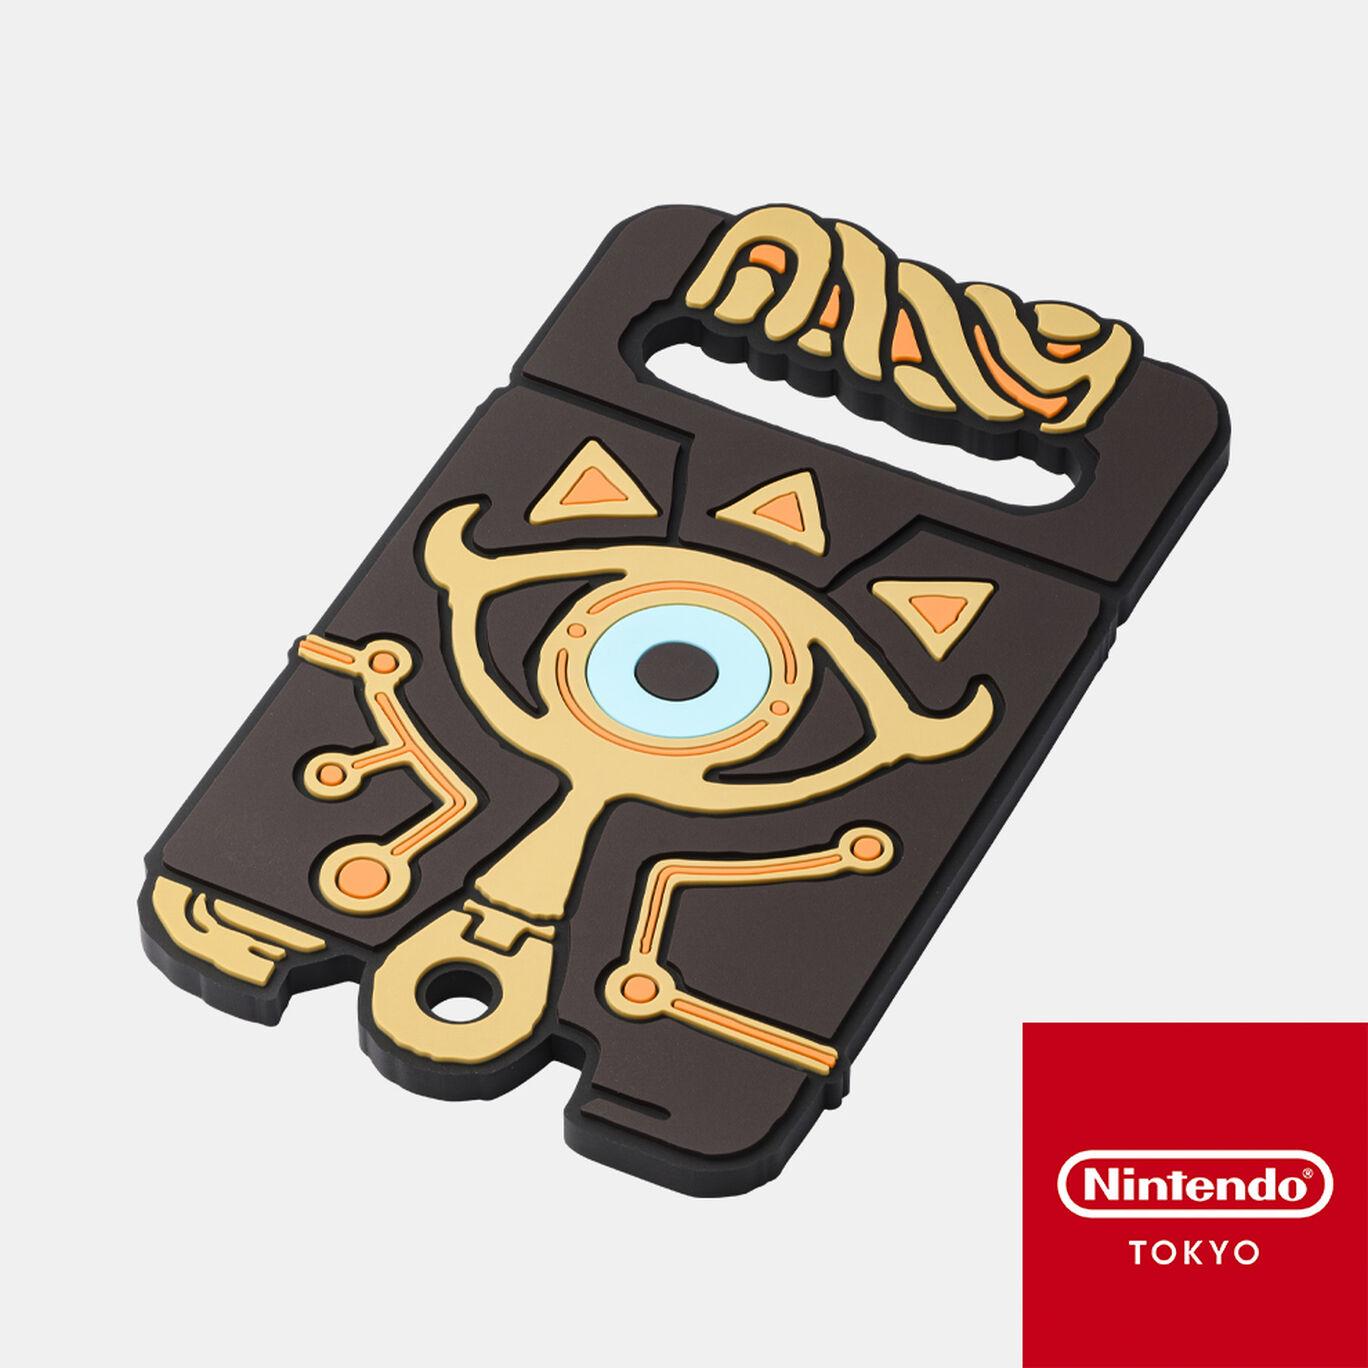 ラバーコースター ゼルダの伝説 D【Nintendo TOKYO取り扱い商品】